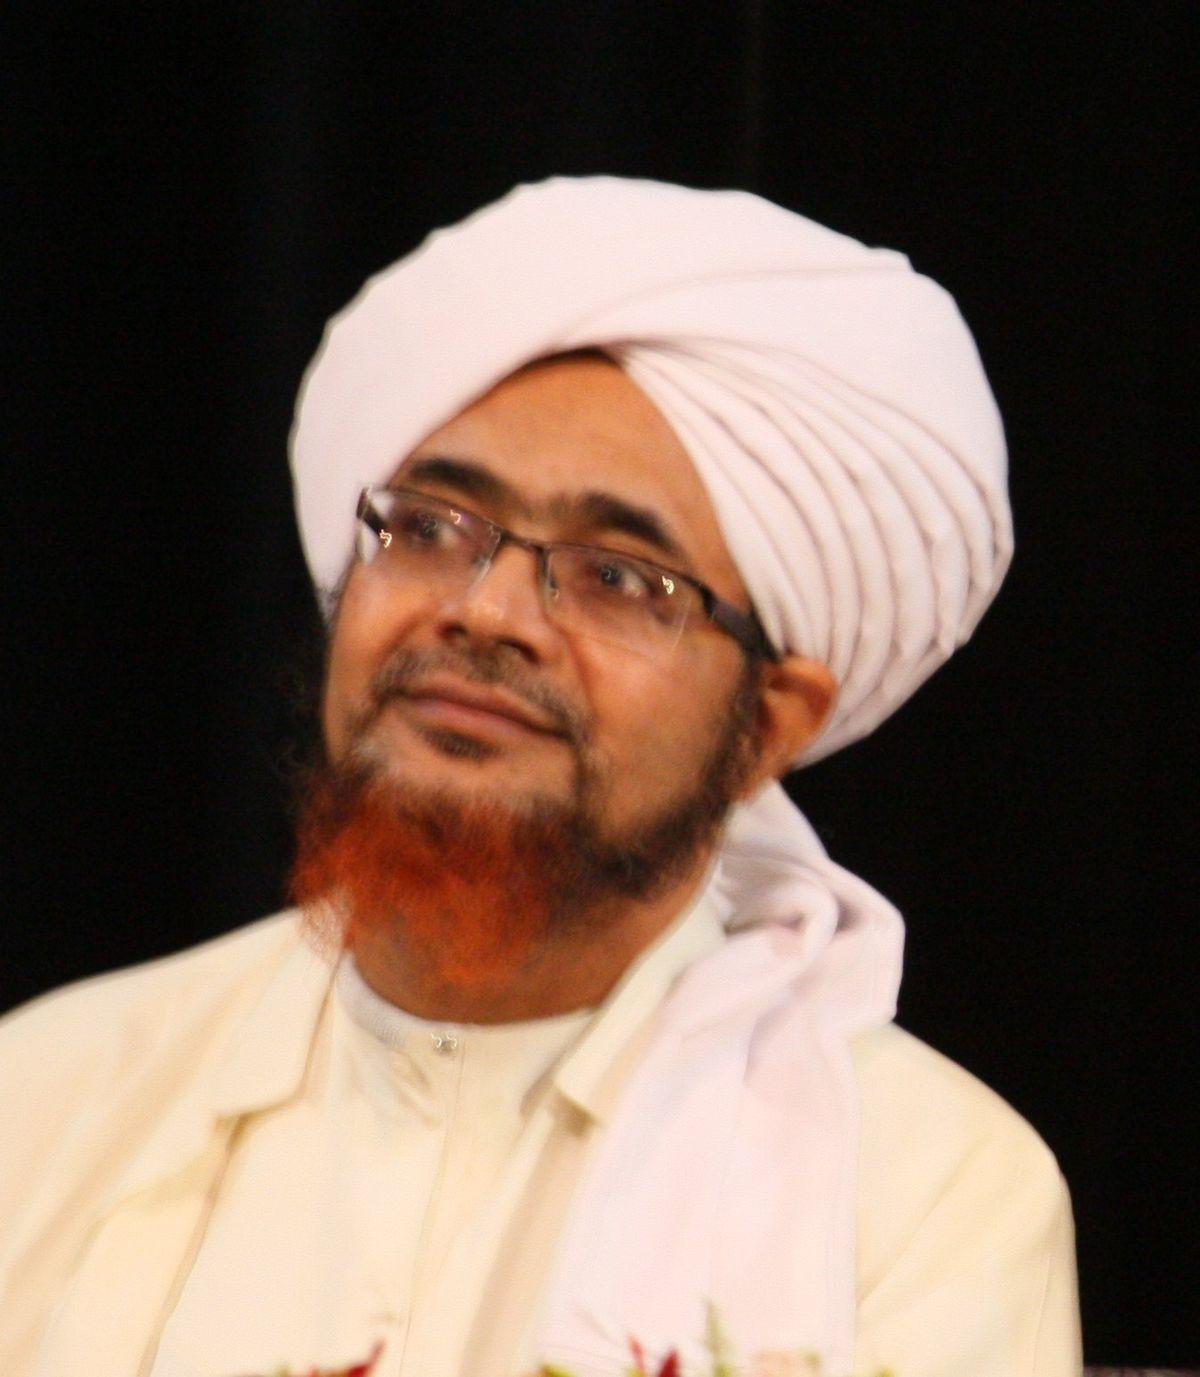 saidi mohamed ali biography